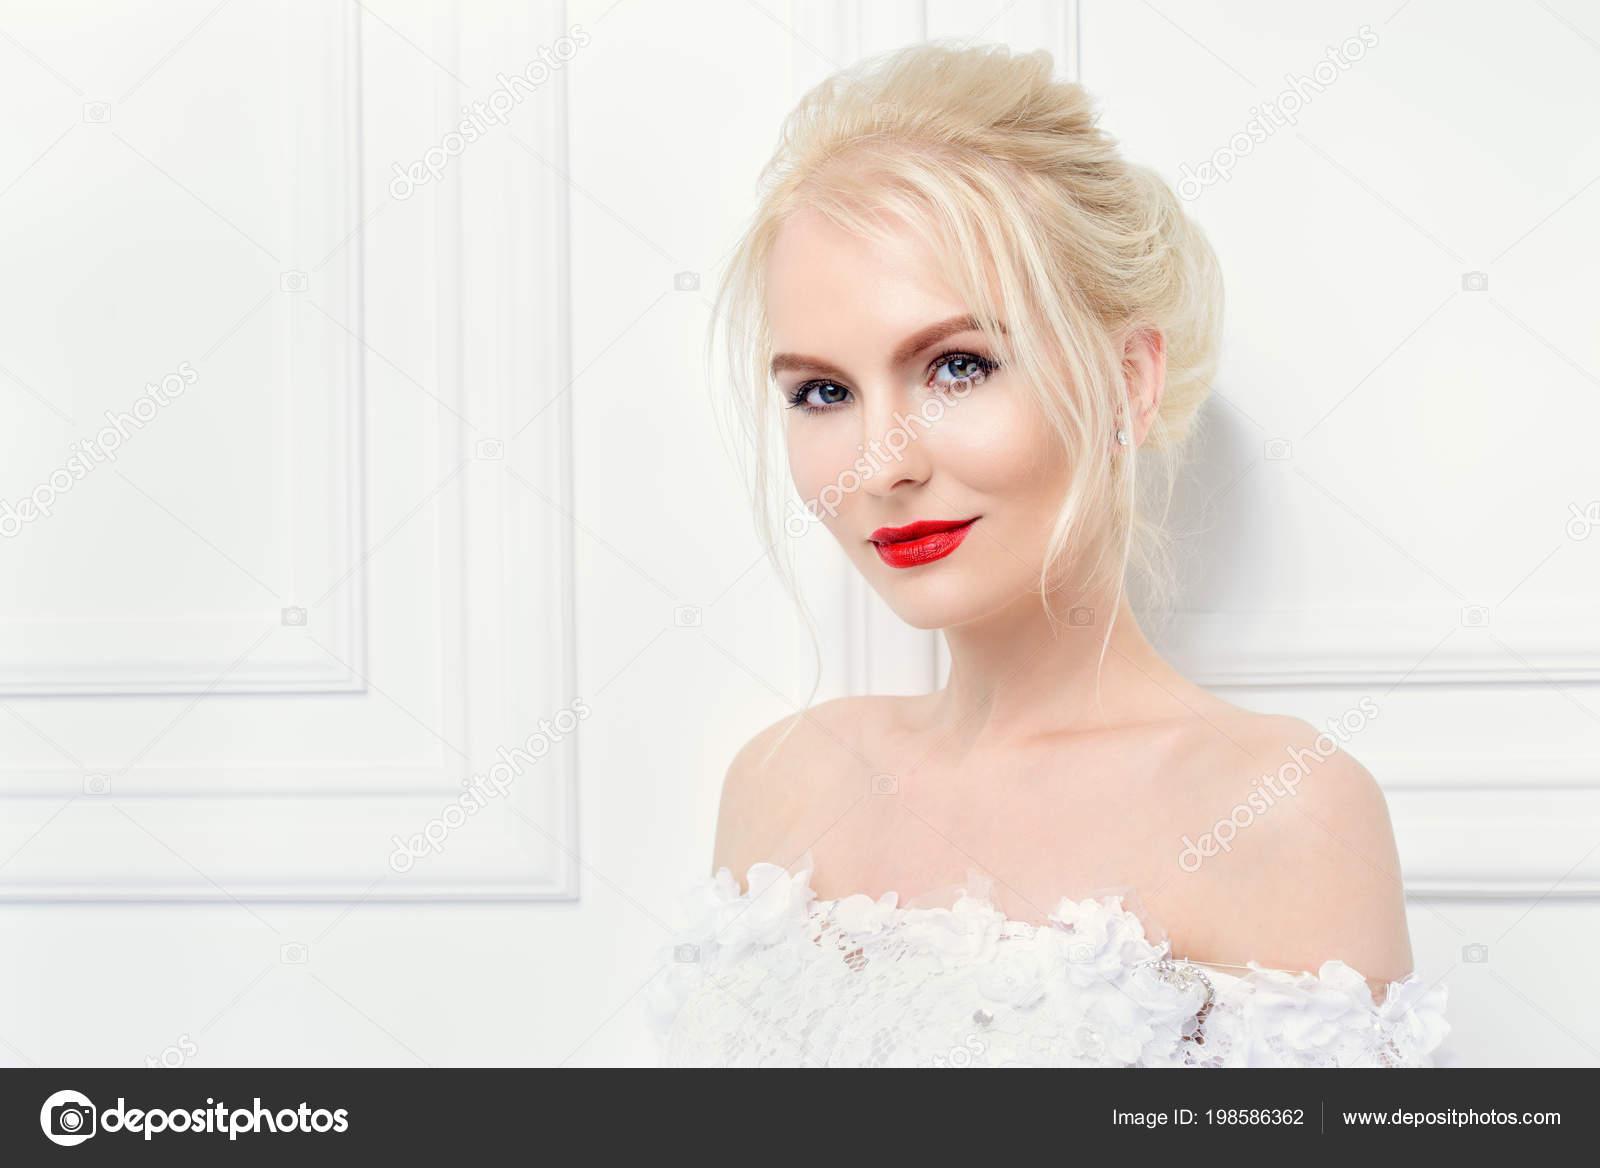 Maquillaje para noche con vestido blanco